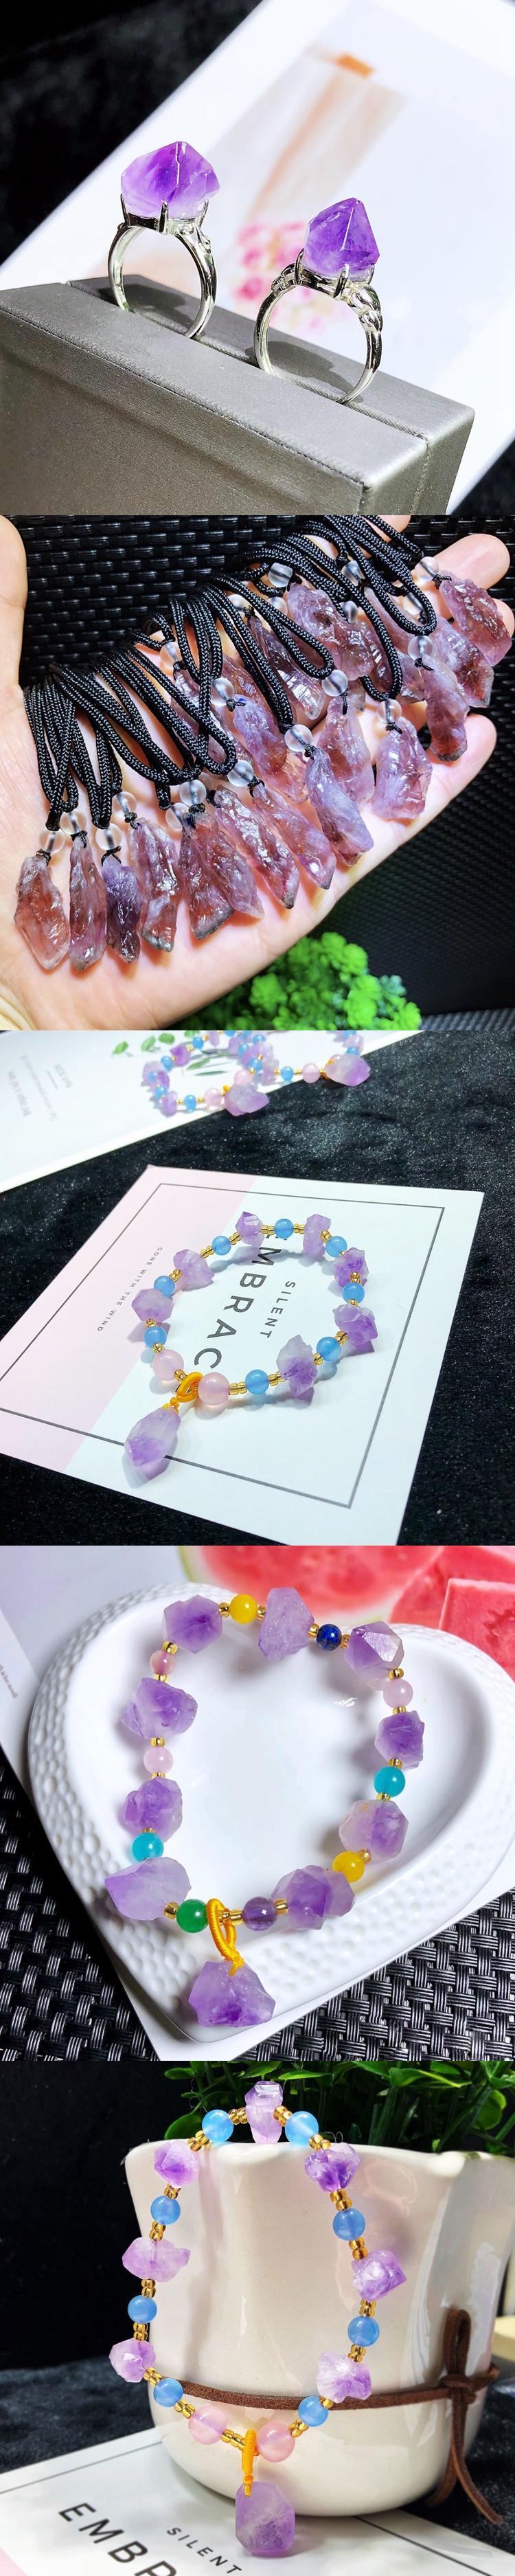 Reiki women jewelry bracelet women+accessories+jewelry+bracelet